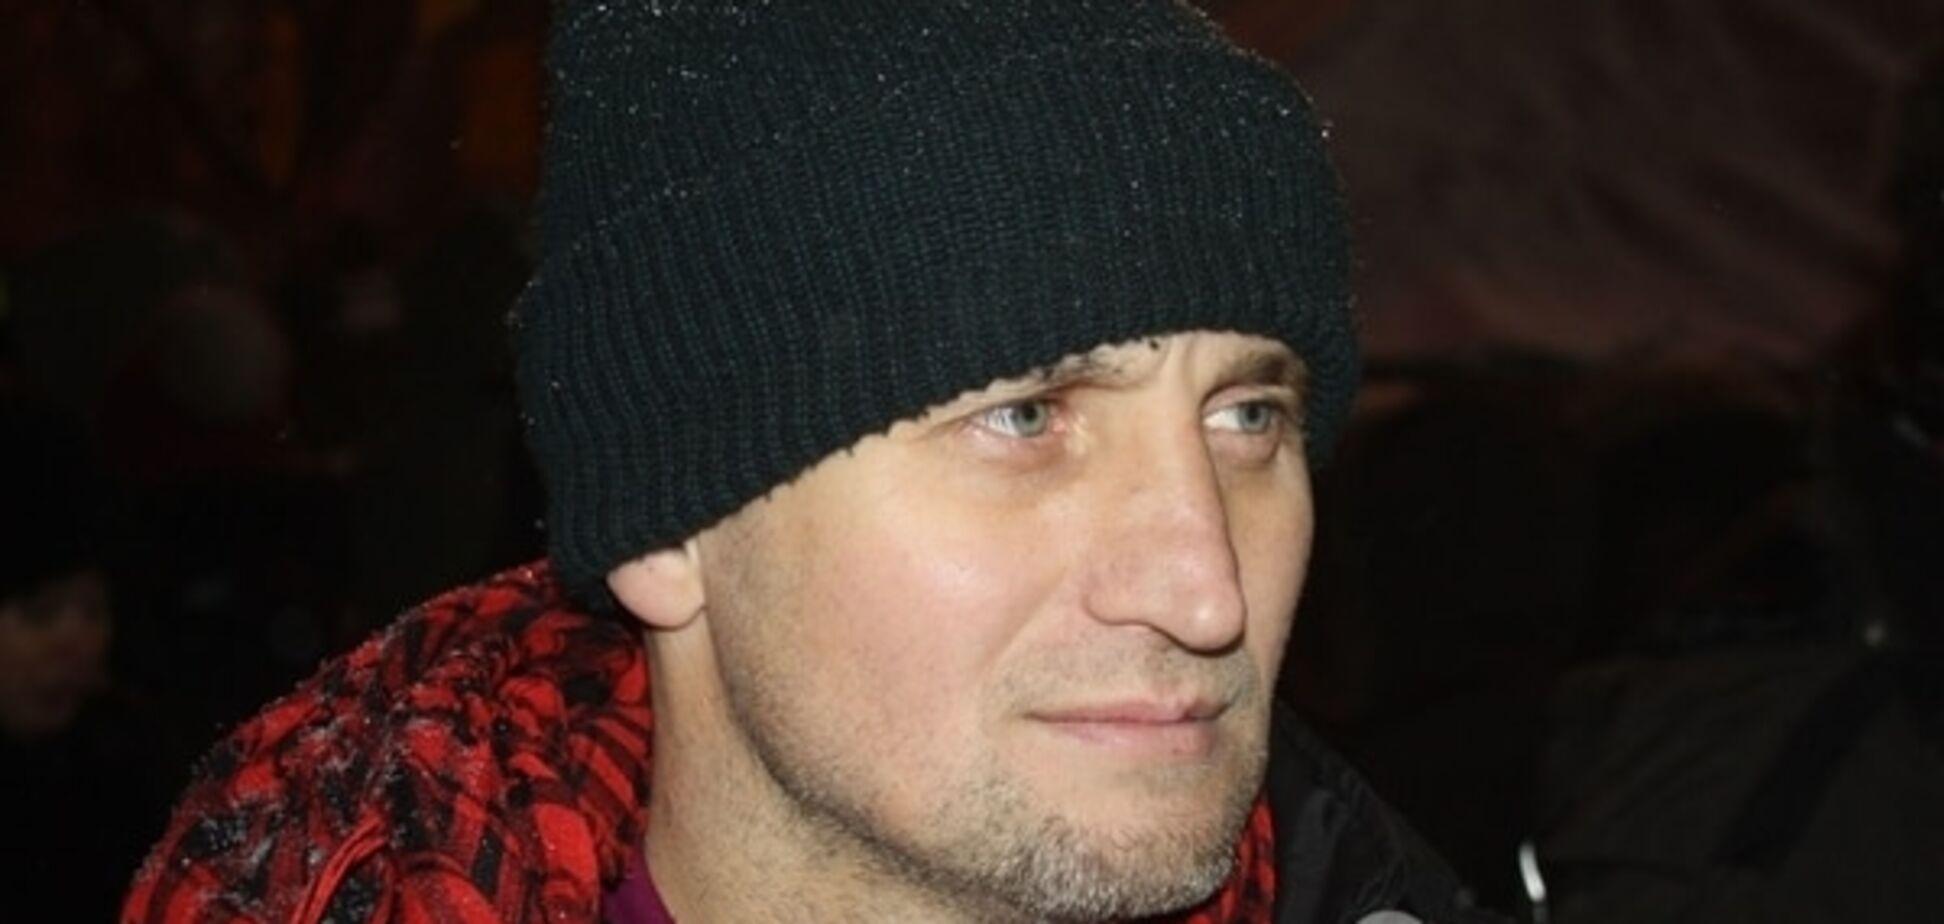 'Благослови, Боже, твої кулаки': волонтеру, який побив Добкіна, дякують в Facebook